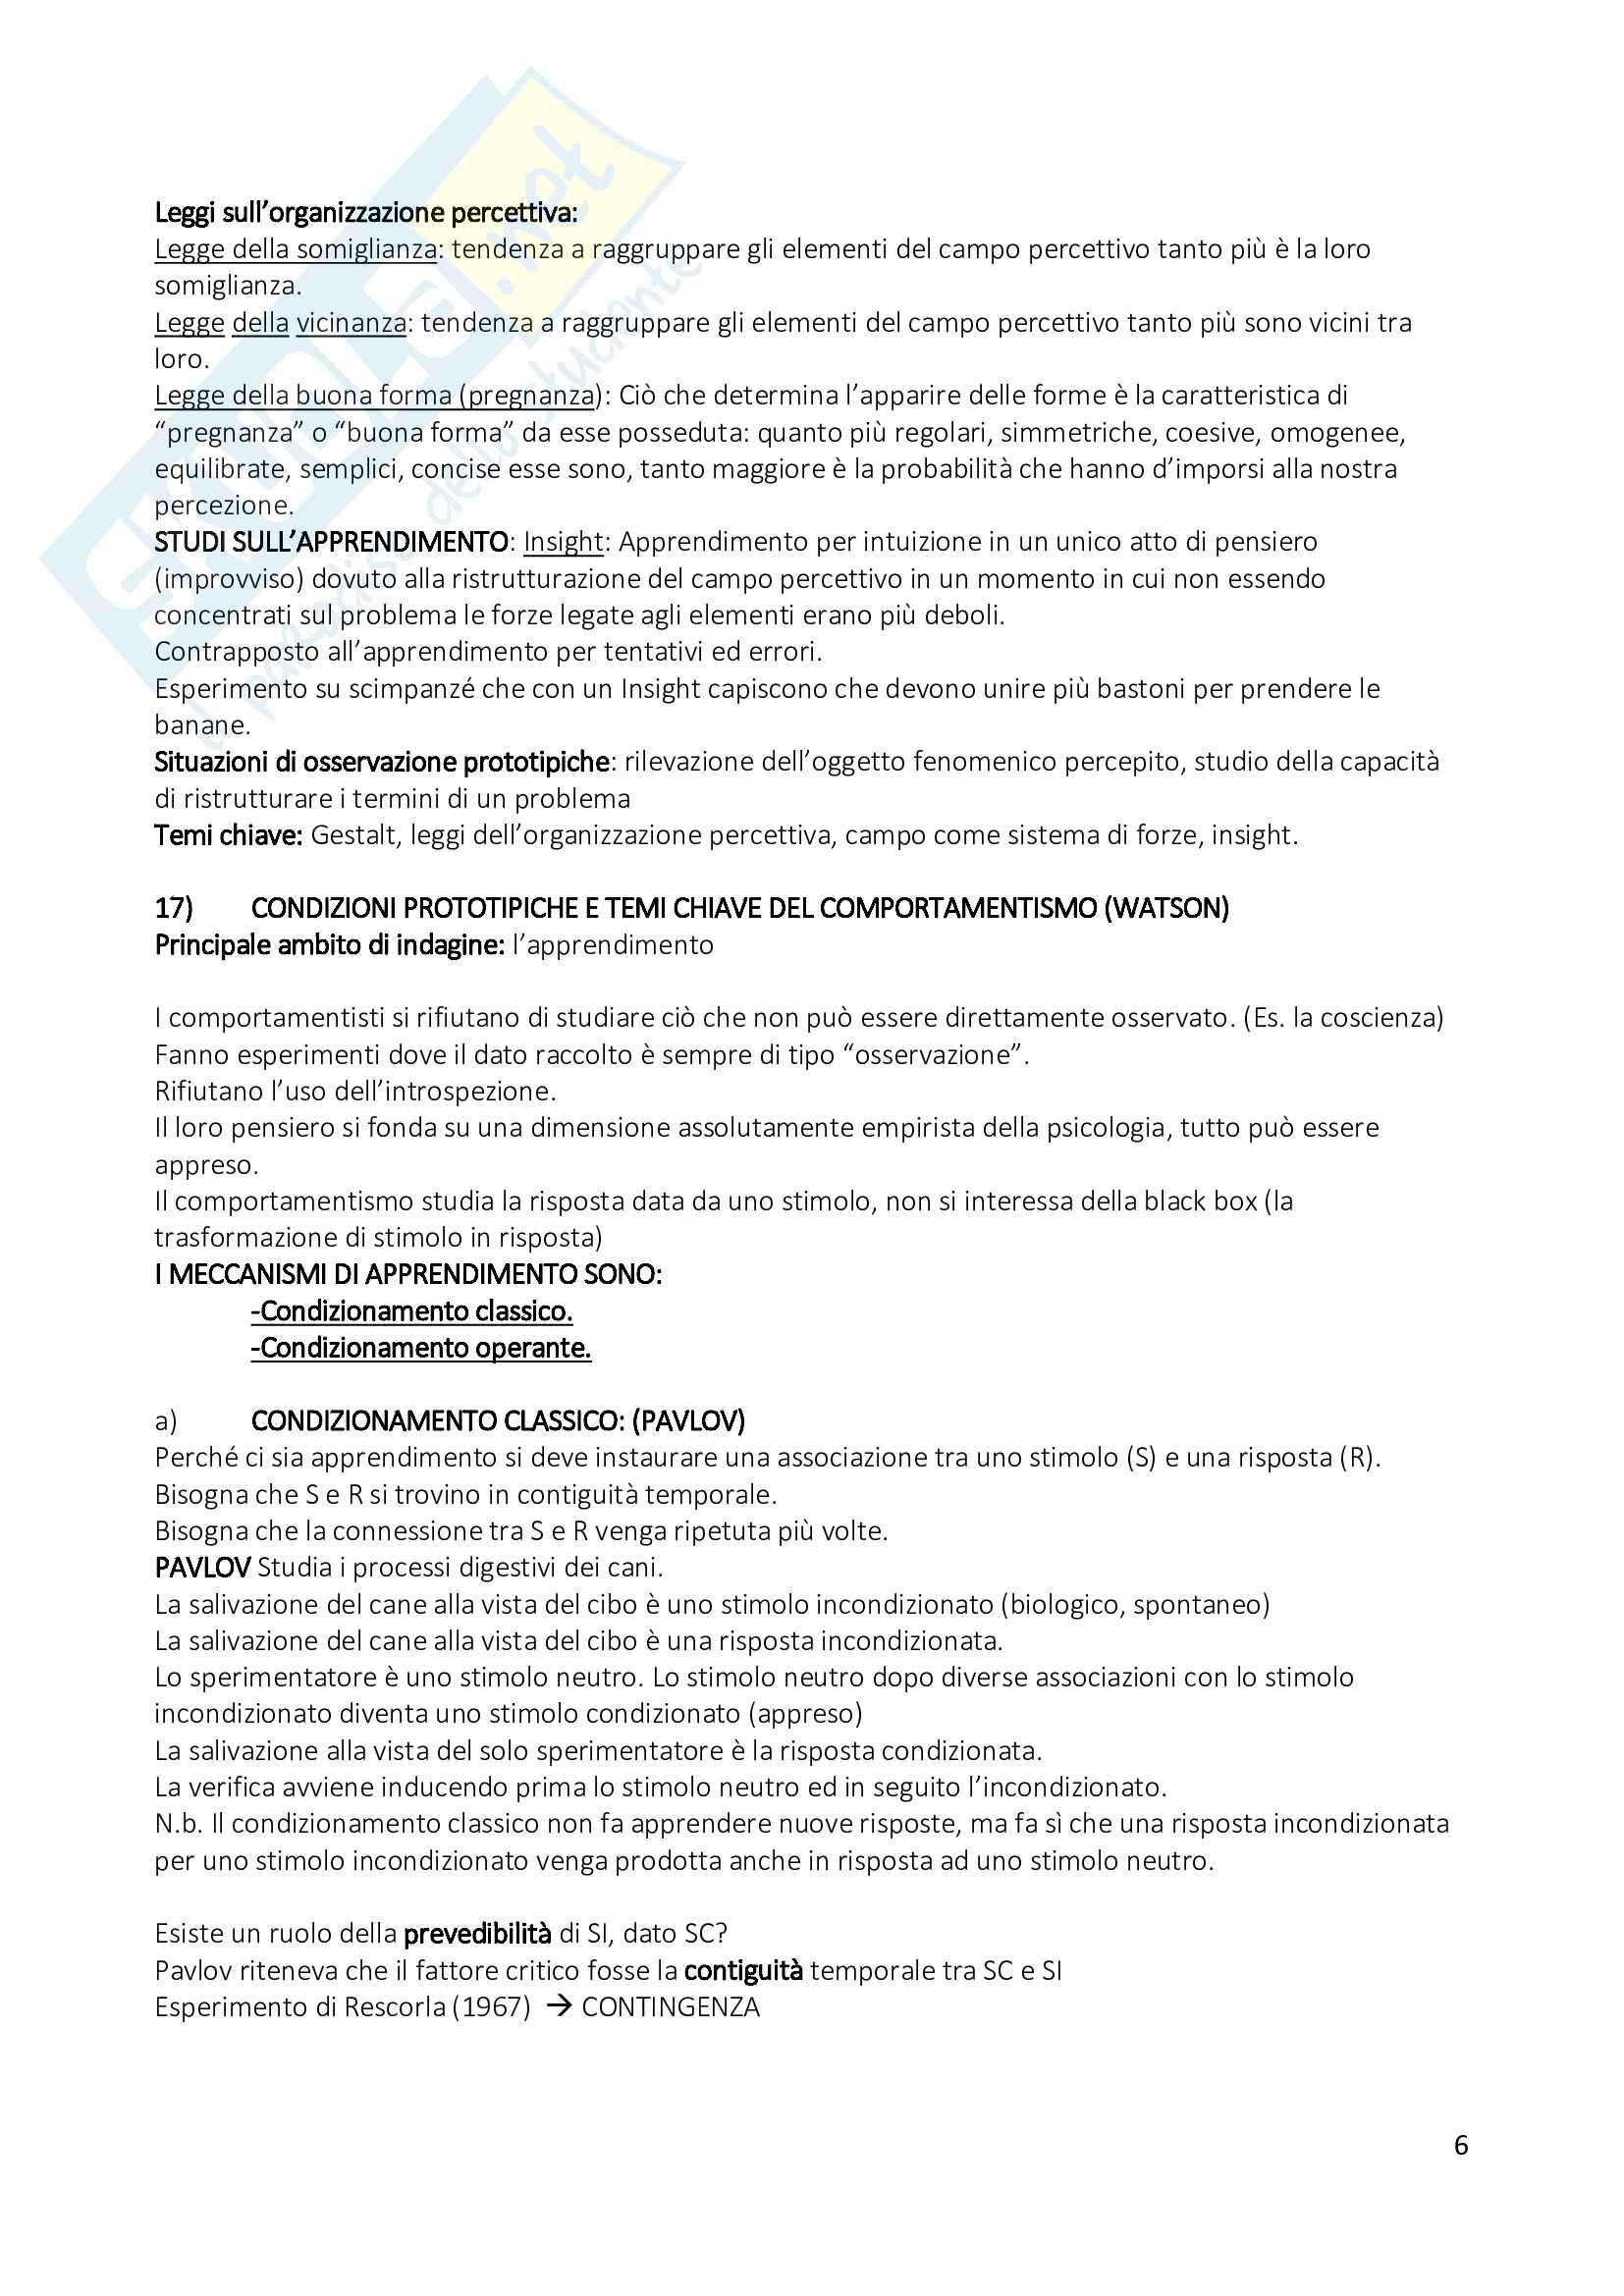 Psicologia Generale - Risposte alle possibili domande esame - Tagliabue - Campana Pag. 6